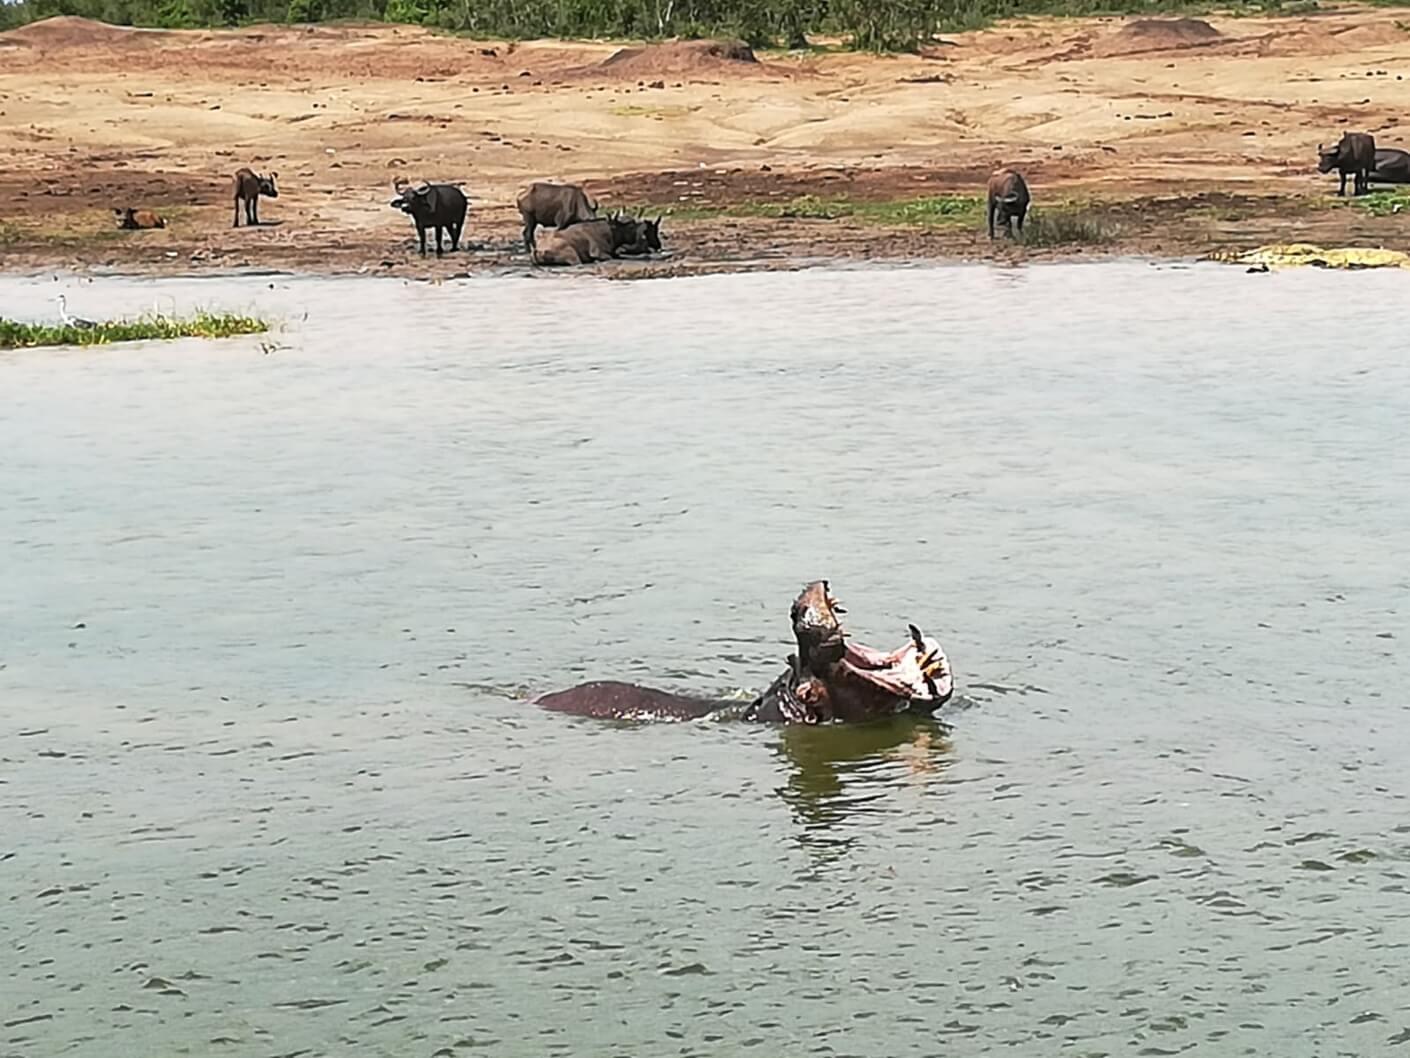 hippopotamus in the water